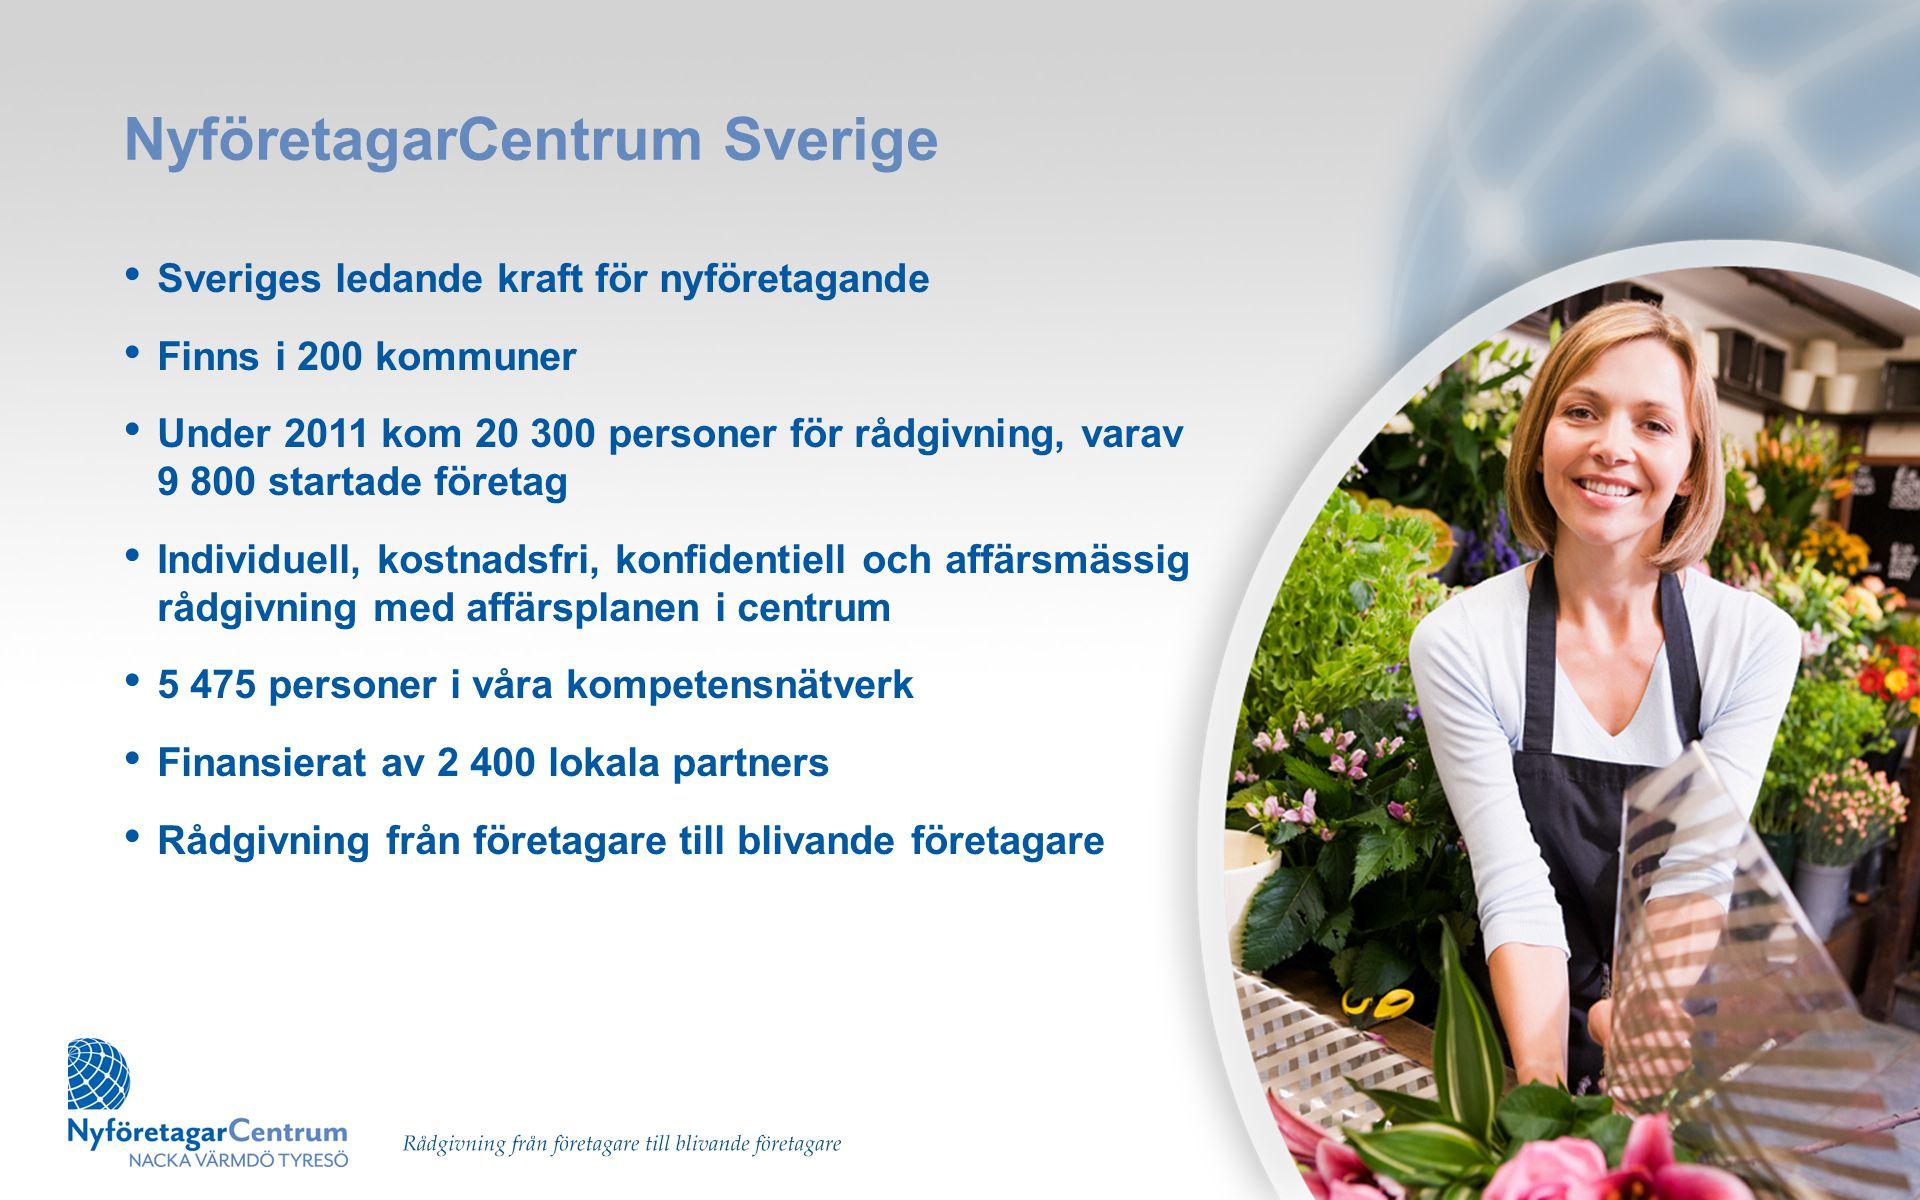 NyföretagarCentrum Sverige • Startar, certifierar och stödjer lokala NyföretagarCentrum • Mässan Eget Företag och Nyföretagarveckan • Mentorprogram tillsammans med Almi • Årets Nyföretagare, Årets Nyföretagarkommun och Årets mentor • Seminarier under Almedalsveckan • Magasinet Allt om Eget Företag 4 ggr/år • Startbanan för varslade som vill starta eget • Nyföretagarbarometern • Finansieras av cirka 30 centrala samarbetspartners